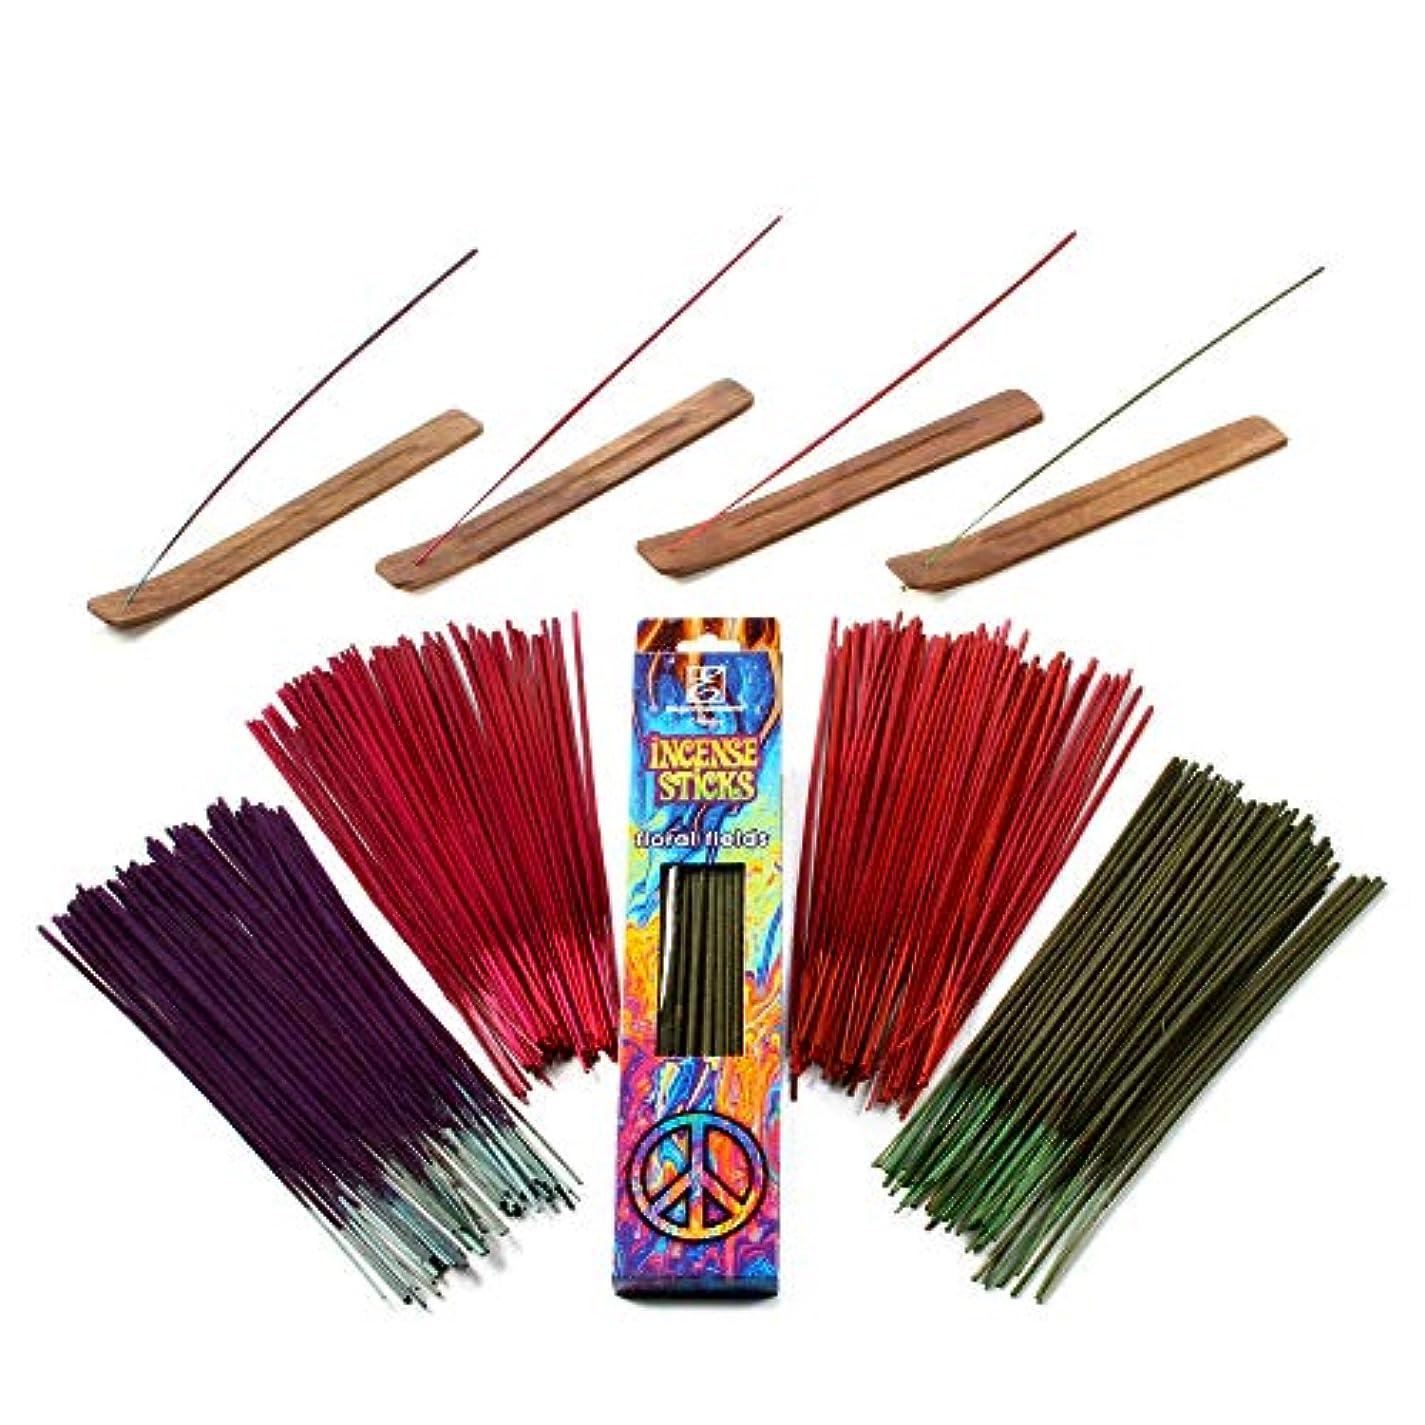 建てる隣接寛容なHosley 260パックAssorted Incense Sticksブラックチェリー、花柄フィールド、Mystical Trails、& Strawberry with 4ホルダー理想の結婚式、Spa ,レイキ、アロマセラピー...